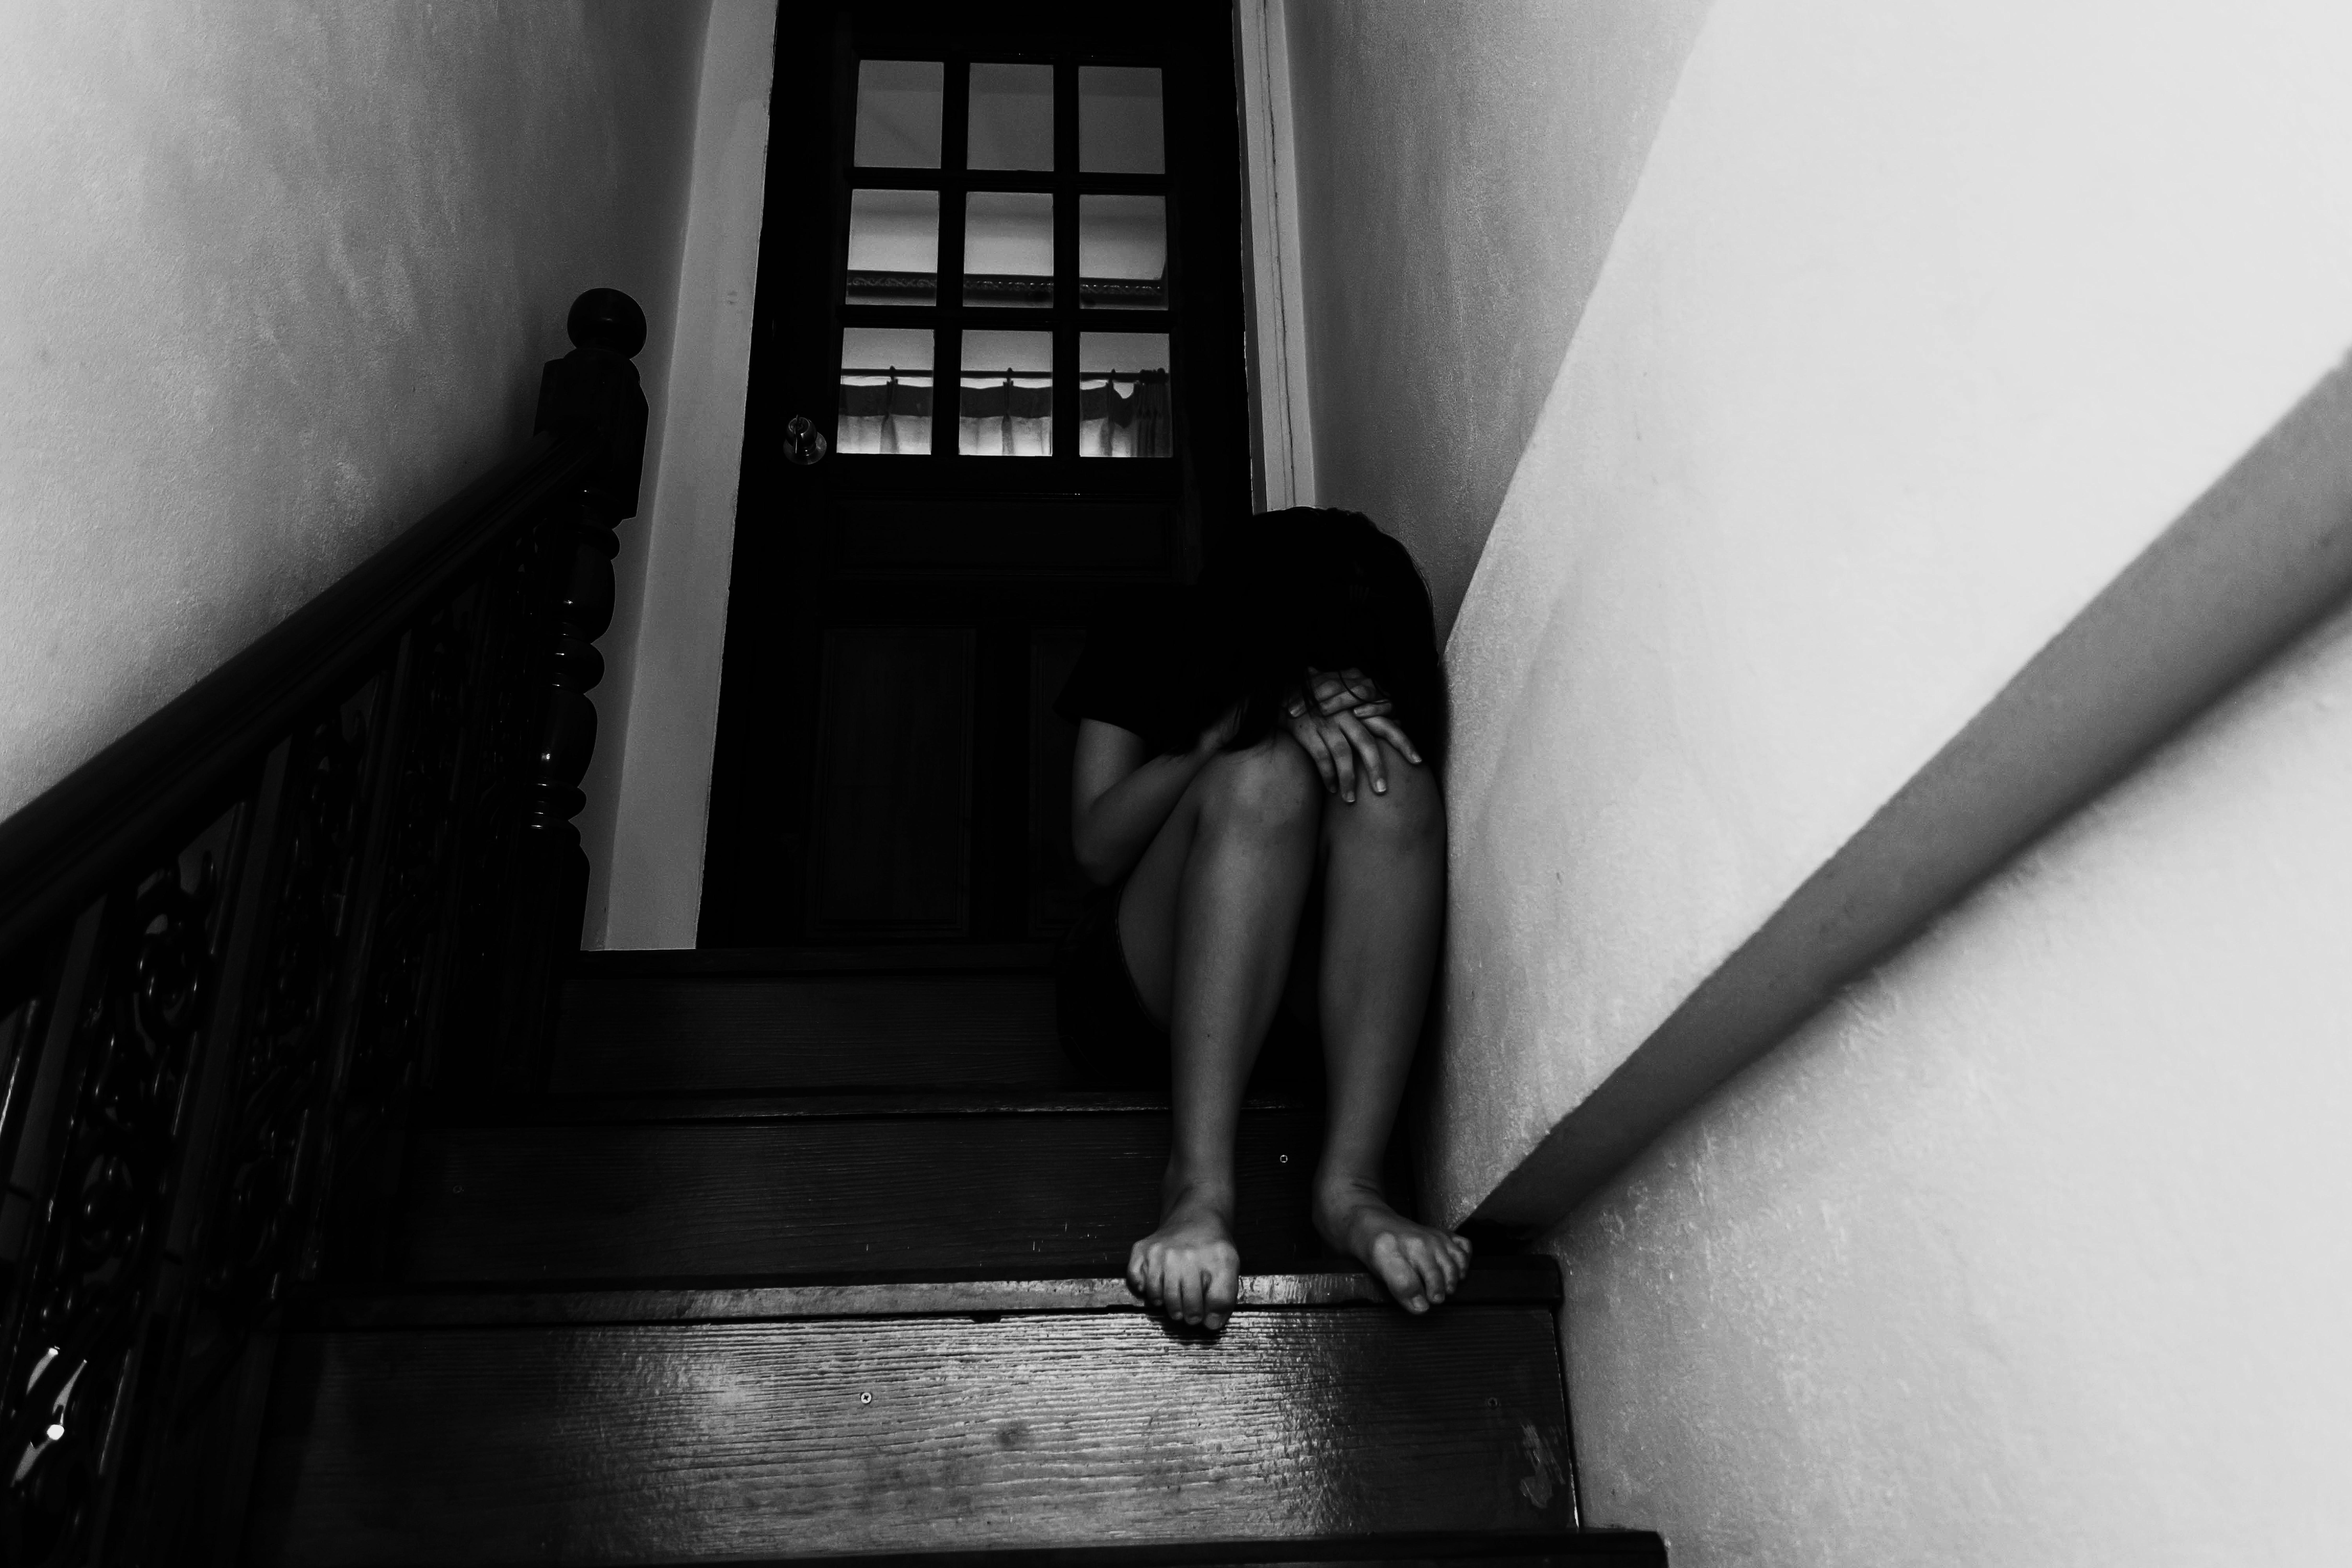 ▲▼示意圖,性侵,絕望,暴力,家暴,恐懼,情緒,暗,害怕,強姦,虐童,虐待,社會。(圖/取自免費圖庫123RF)